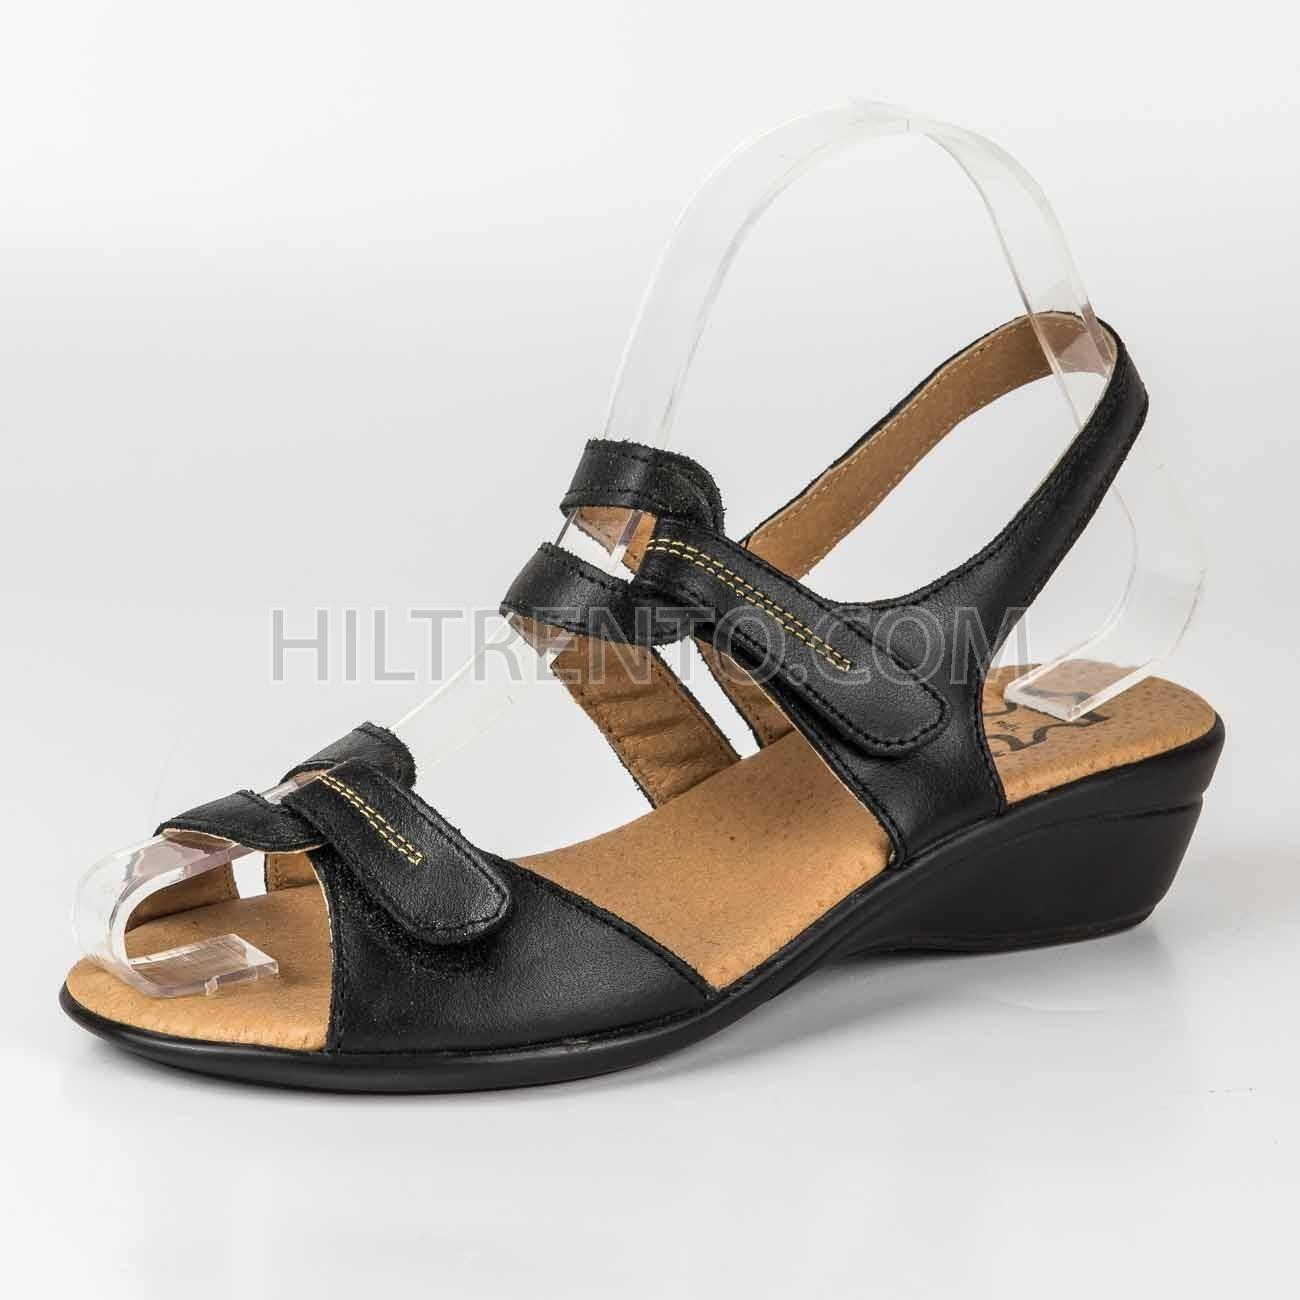 Soporte para sujetar sandalias transparente - Hiltrento.com